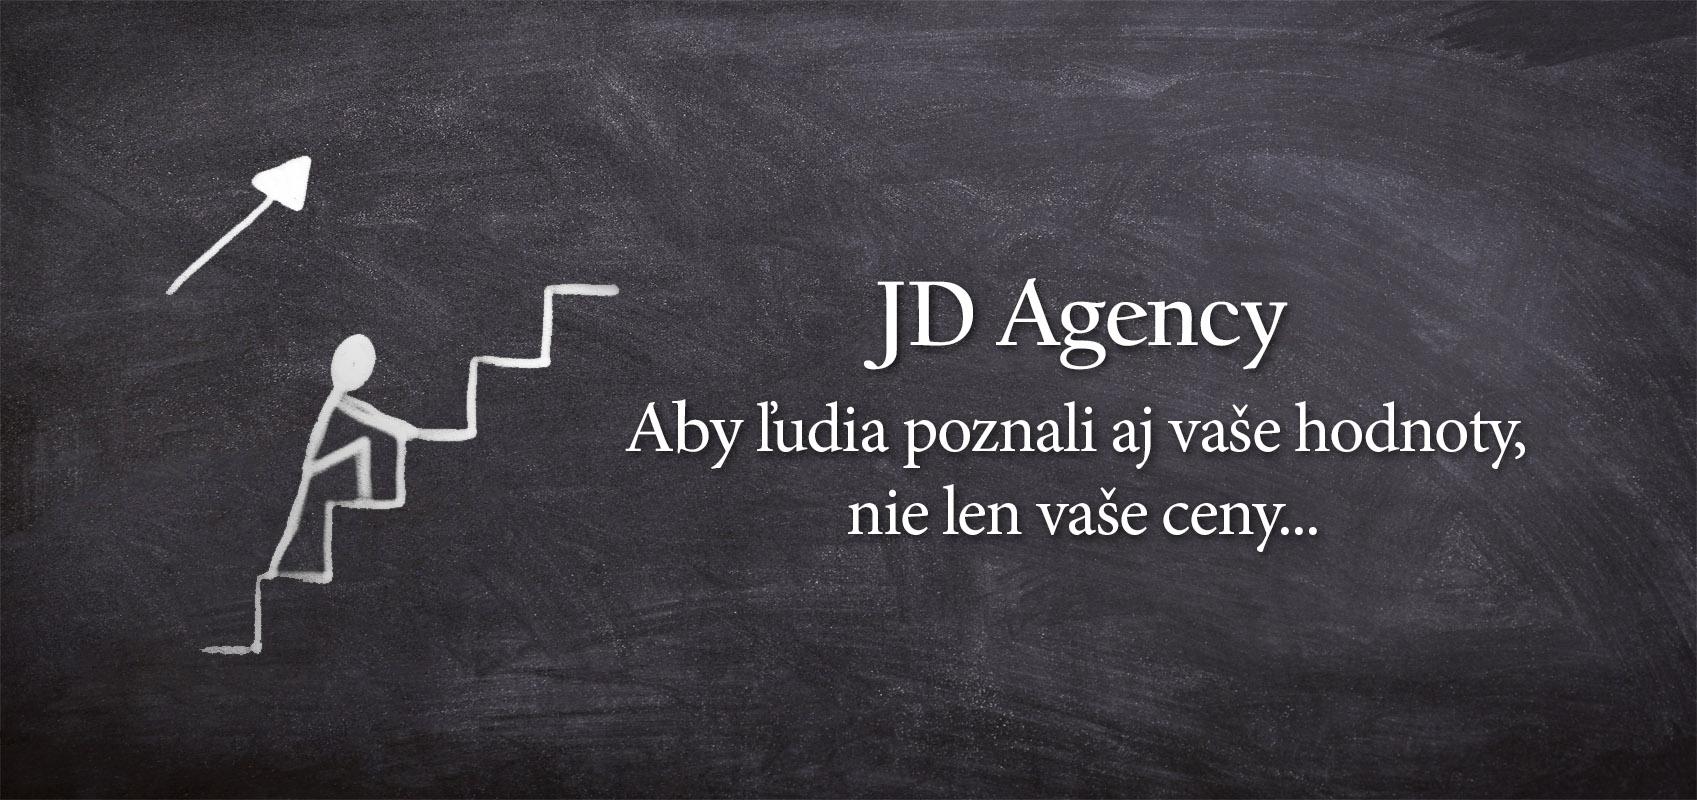 Rozvojová agentúra JD Agency